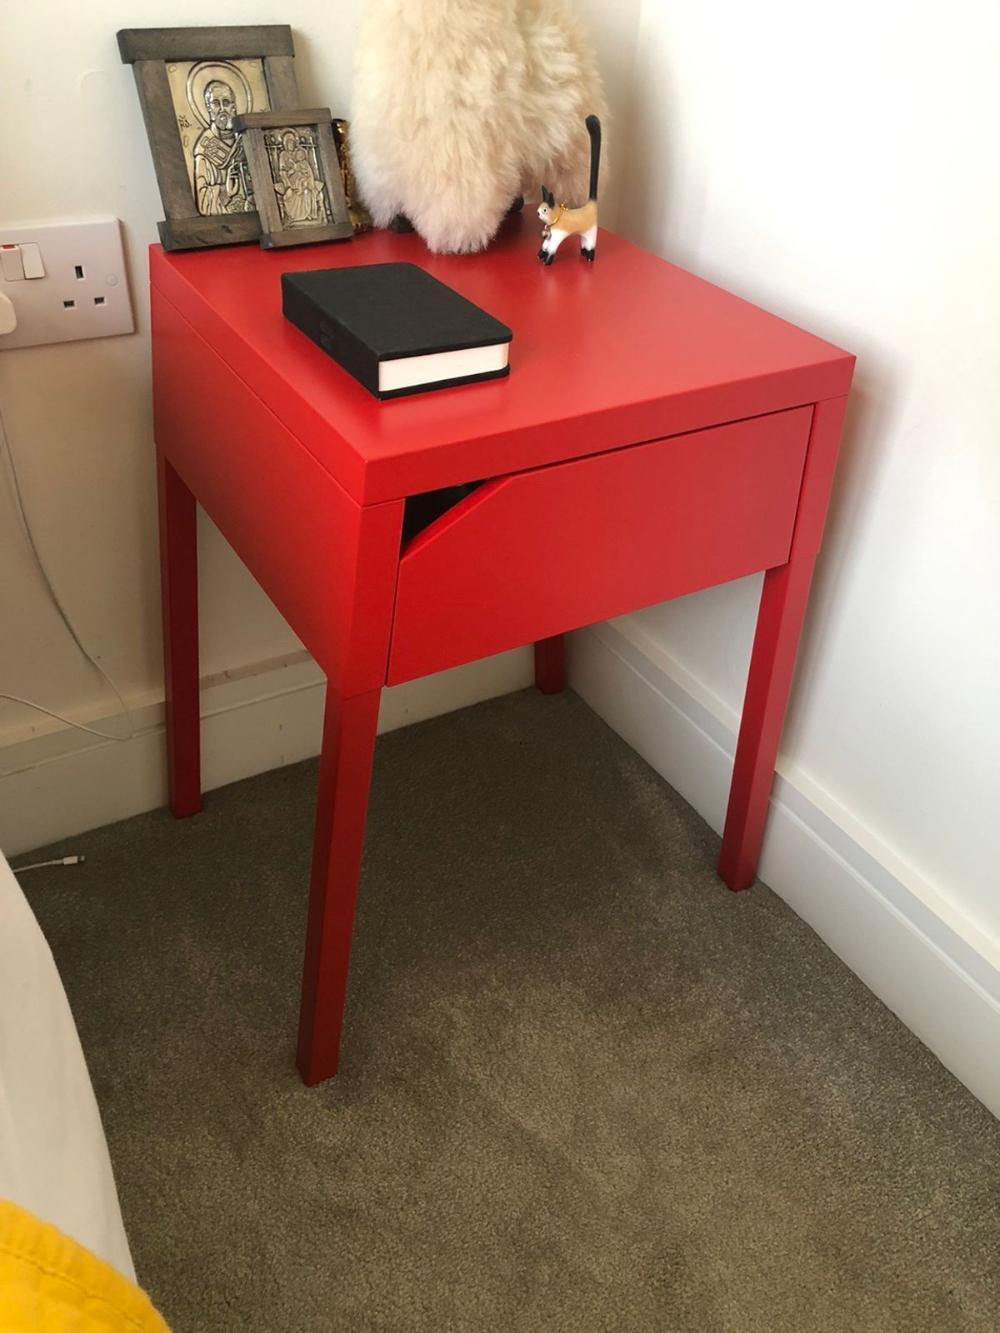 Ikea Selje Metal Bedside Table Wood Console Table Reclaimed Wood Console Table Wood Console [ 1333 x 1000 Pixel ]